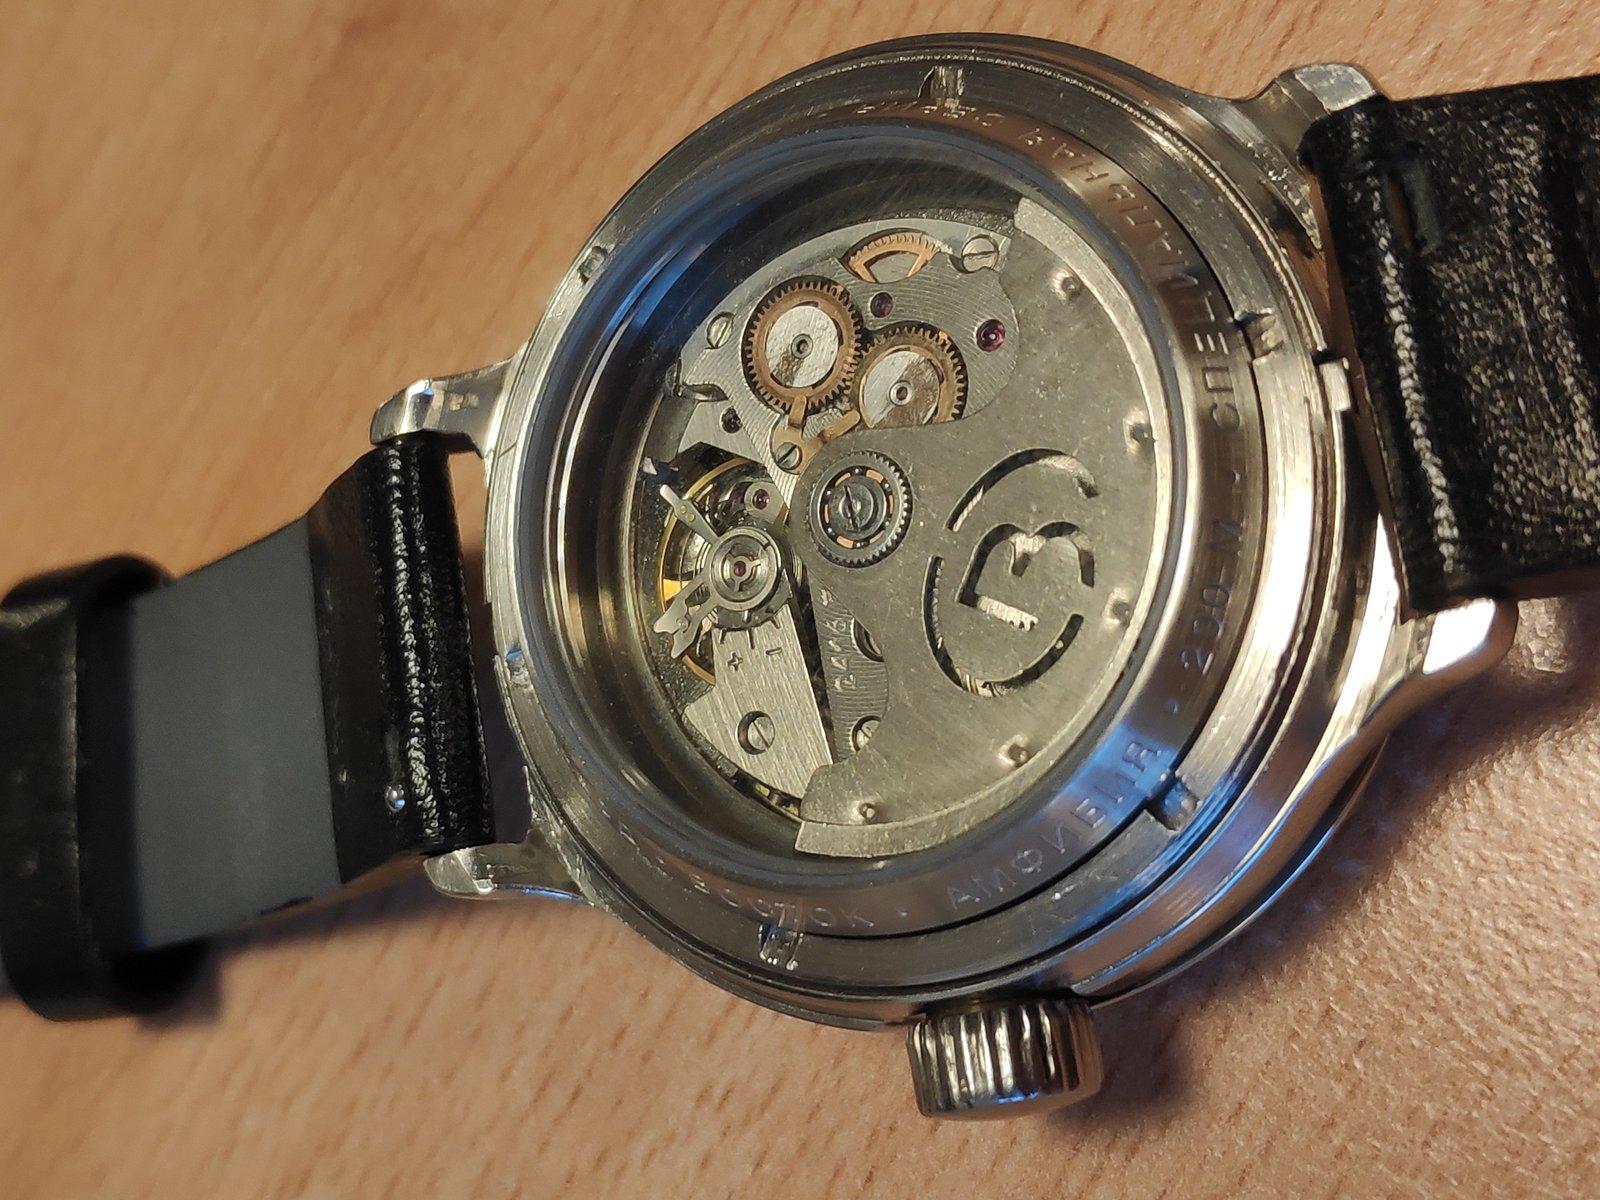 Vos montres russes customisées/modifiées - Page 12 210106015324265065